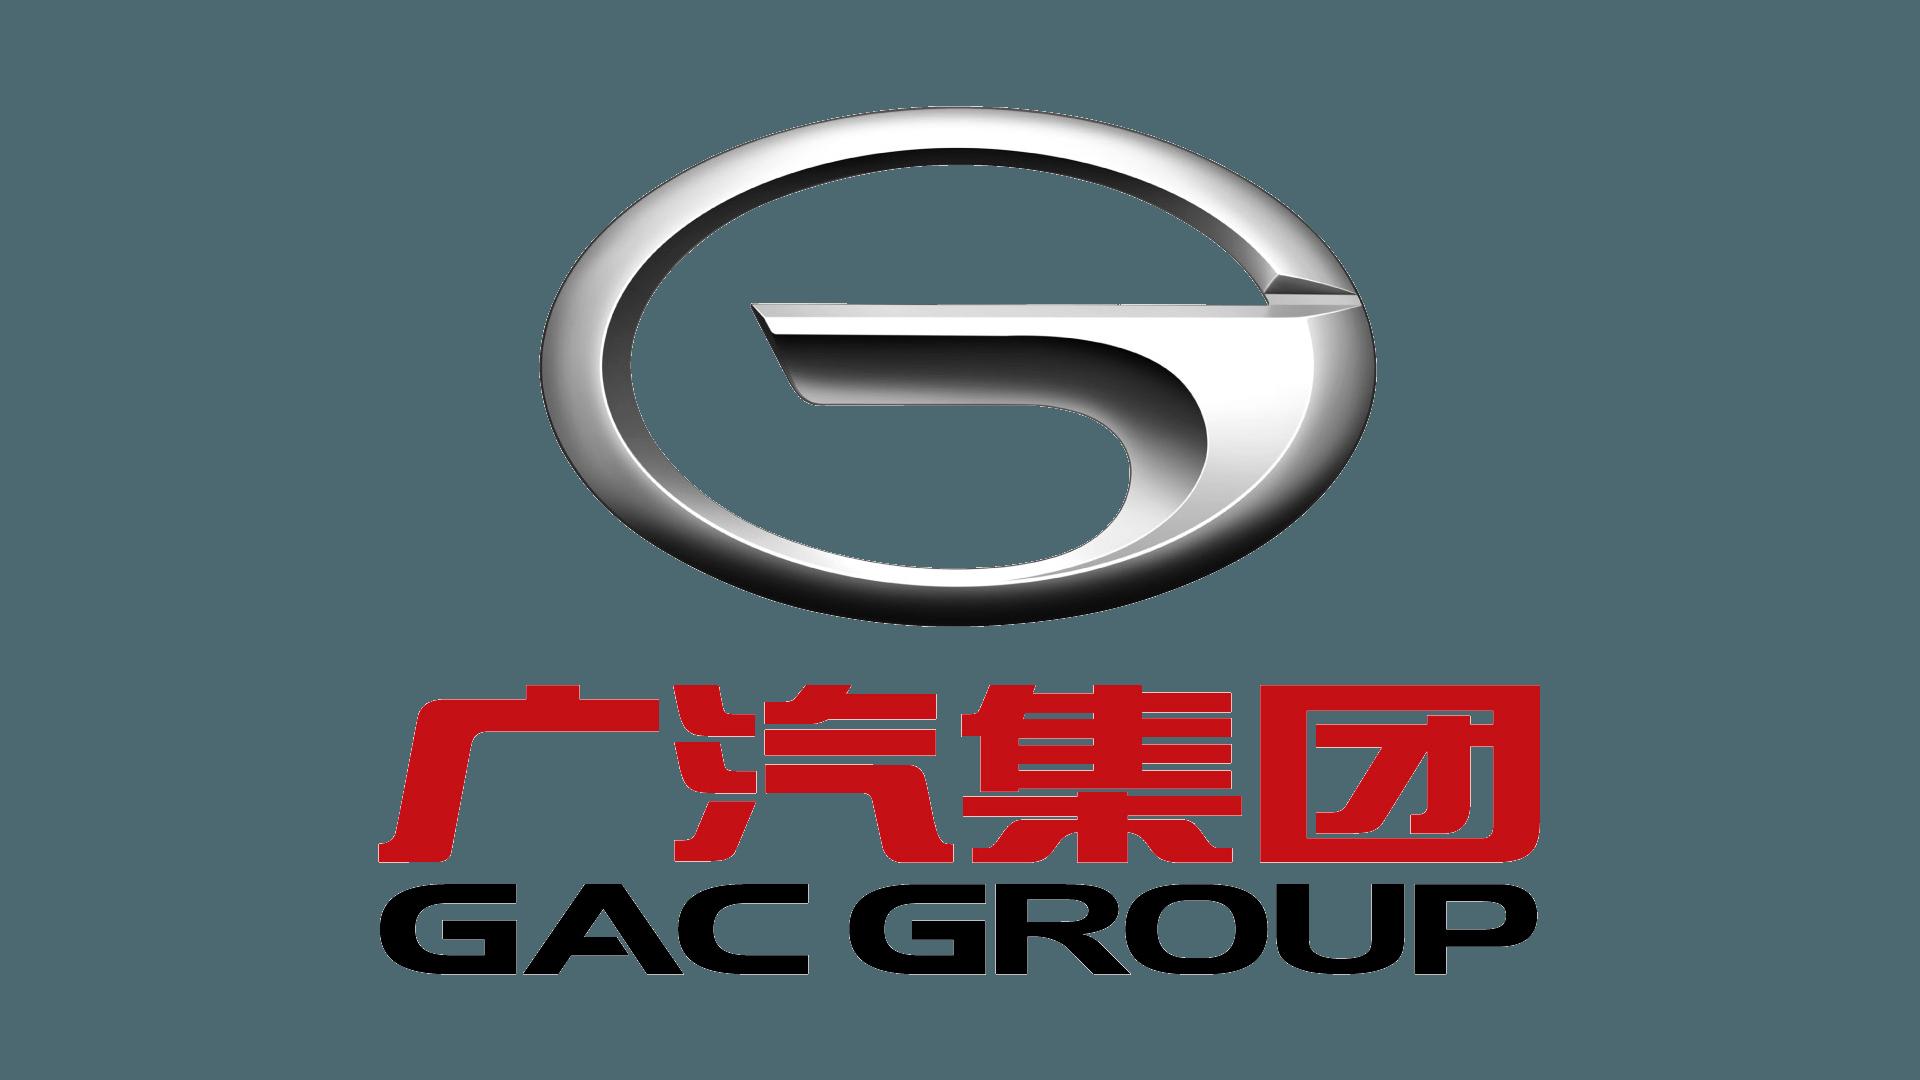 [Récapitulatif] Les constructeurs chinois et leurs marques 1640456